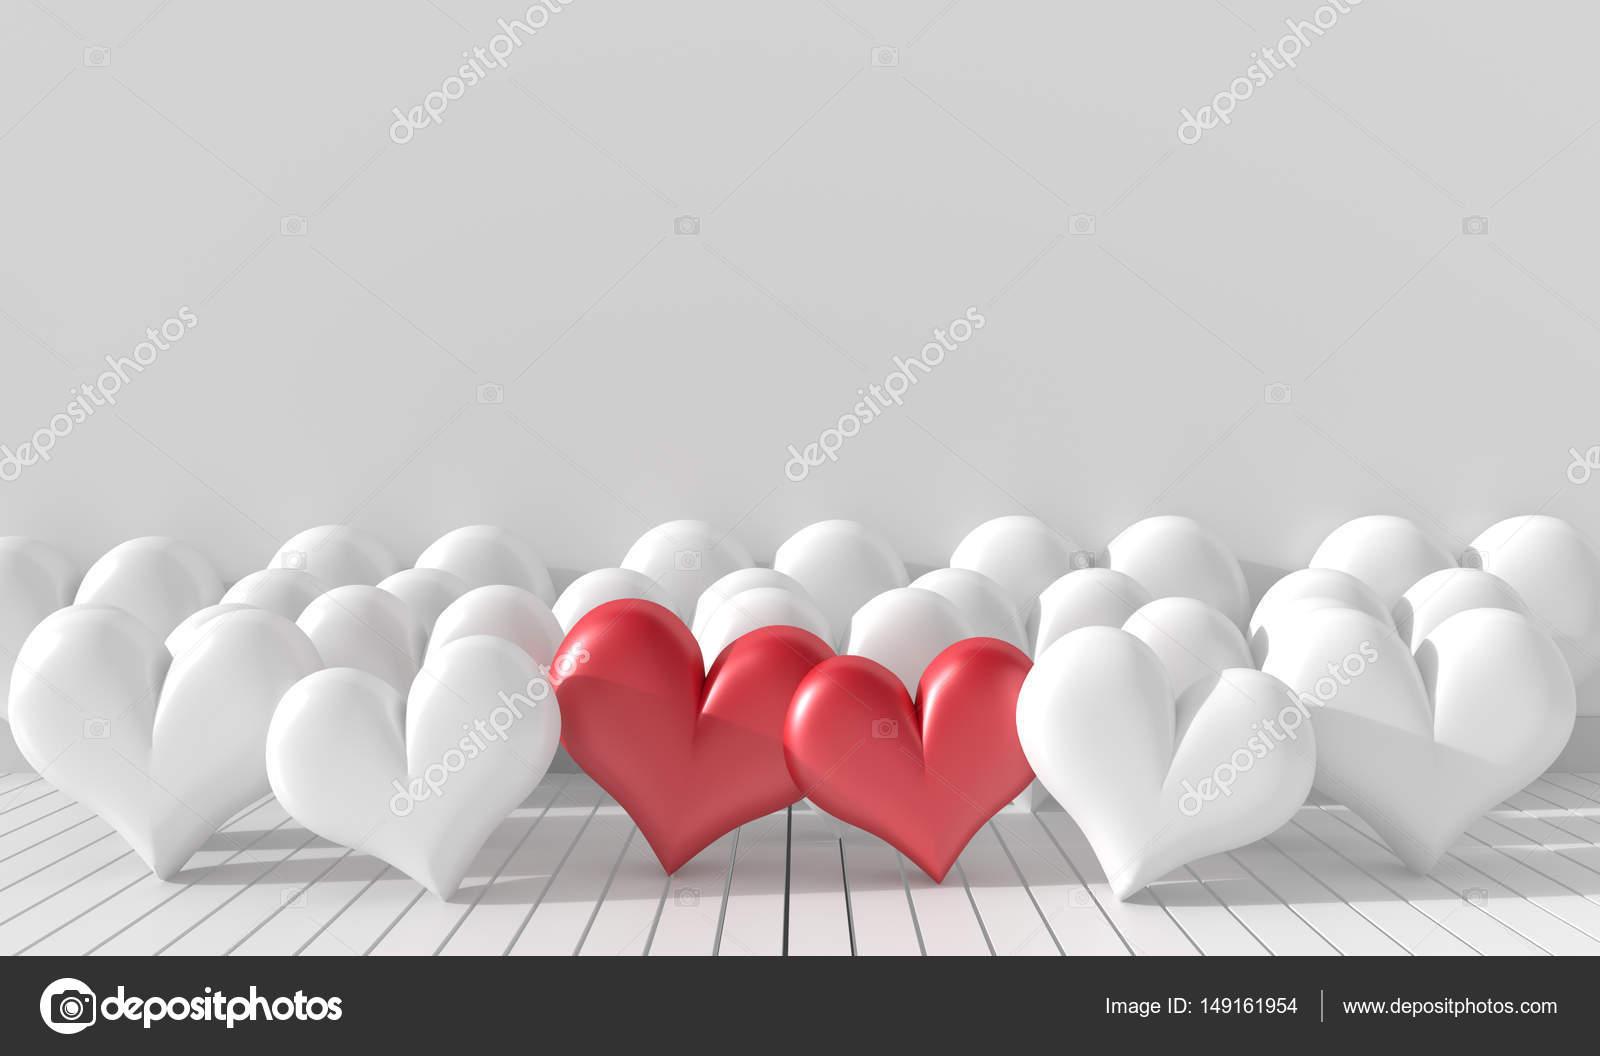 Zwei Rote Herzen Und Vielen Weißen Herzen Im Zimmer. Die Wände Sind Mit  Weißen Hellen Farben Dekoriert. Zimmer Der Liebe Am Valentinstag.